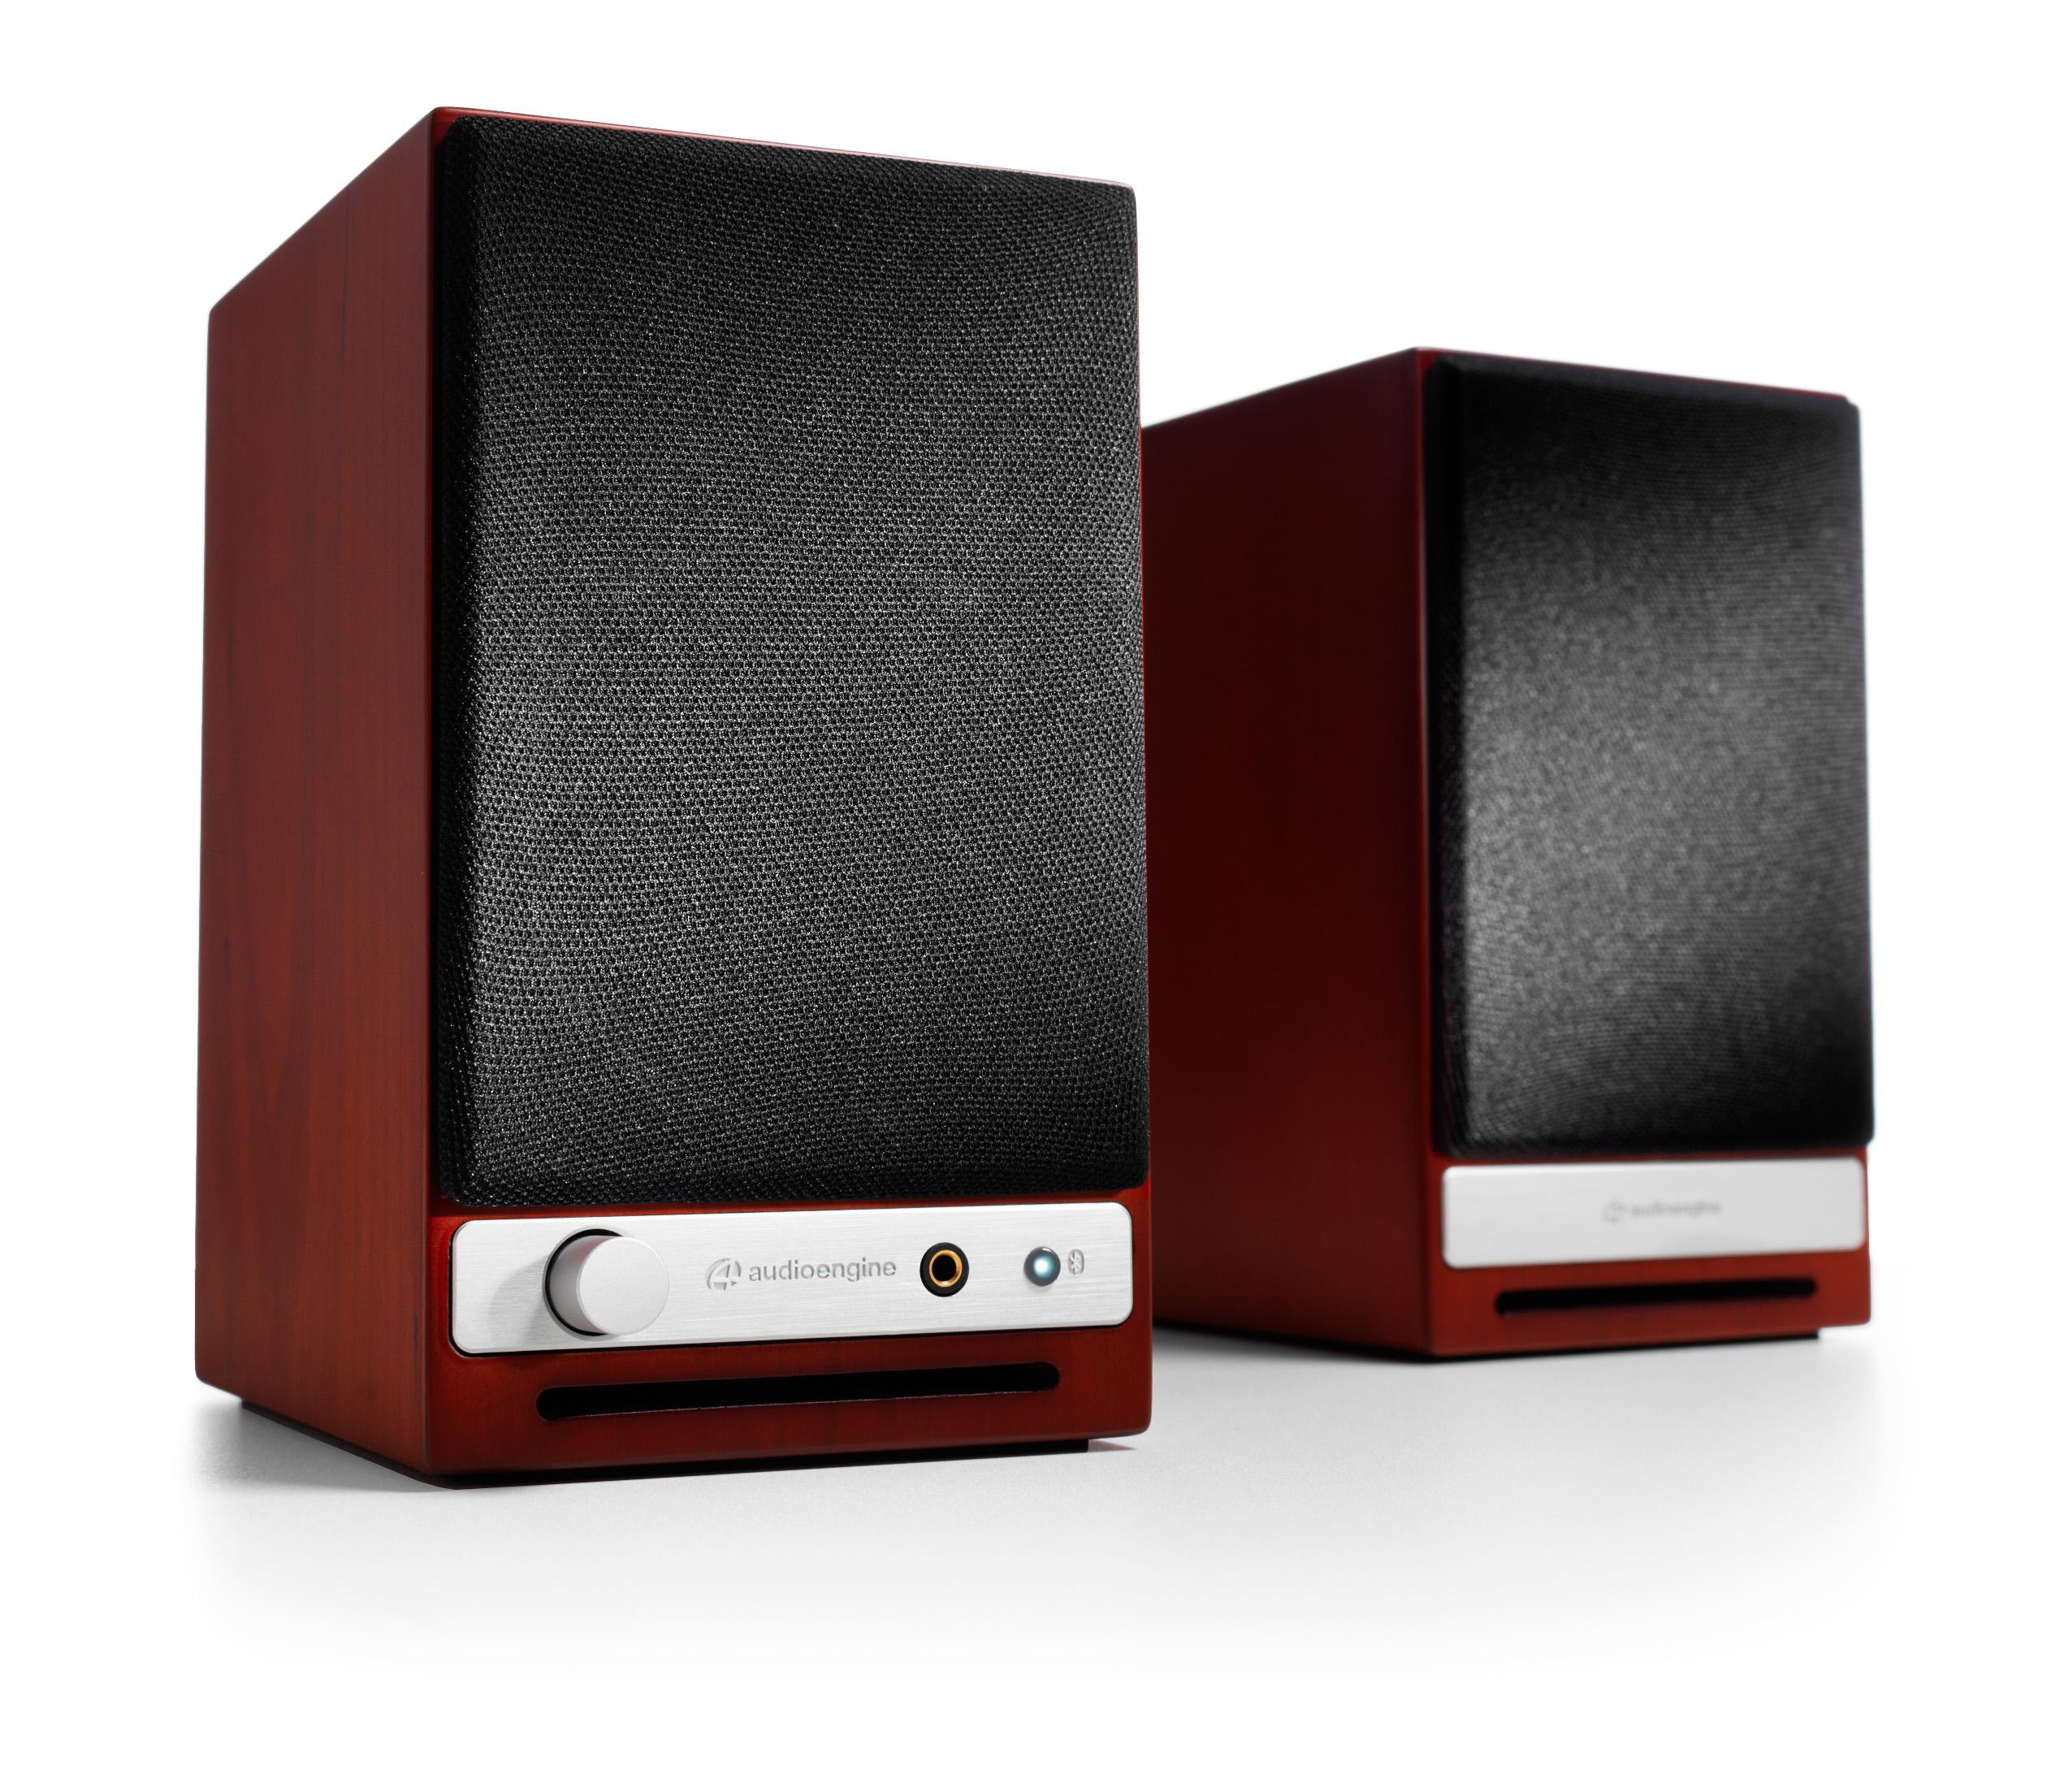 Audioengine HD3 Cherry Активная беспроводная акустическая система